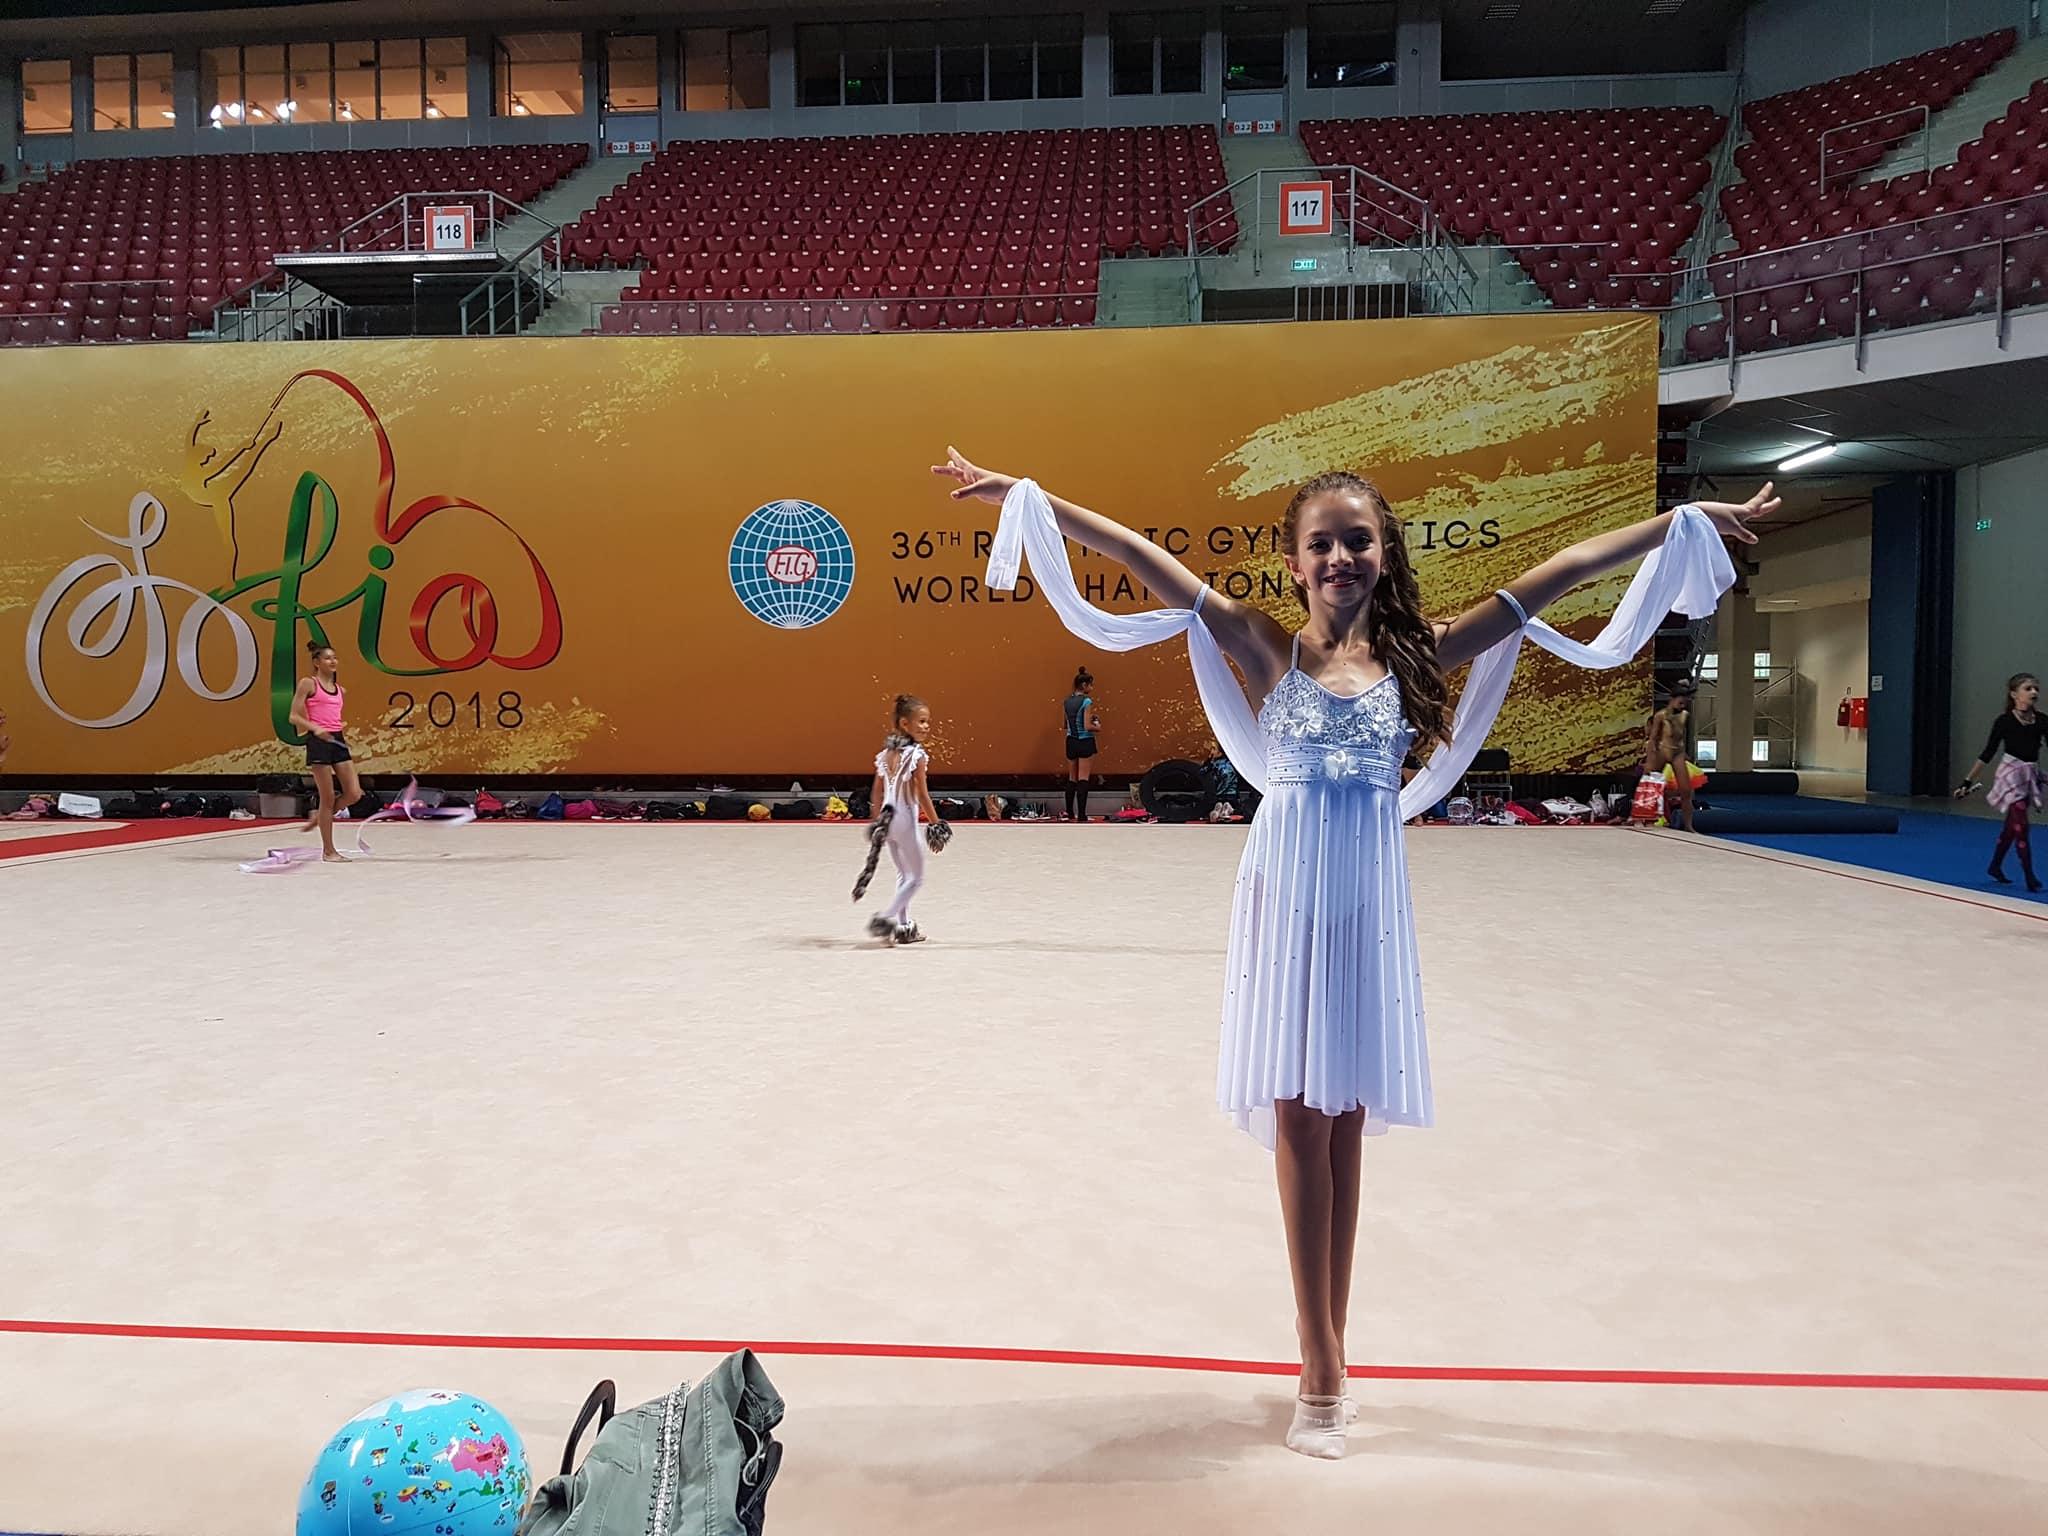 Elena Nikolova tomó parte en el mundial de Gimnasia rítmica que se celebró en Bulgaria recientemente